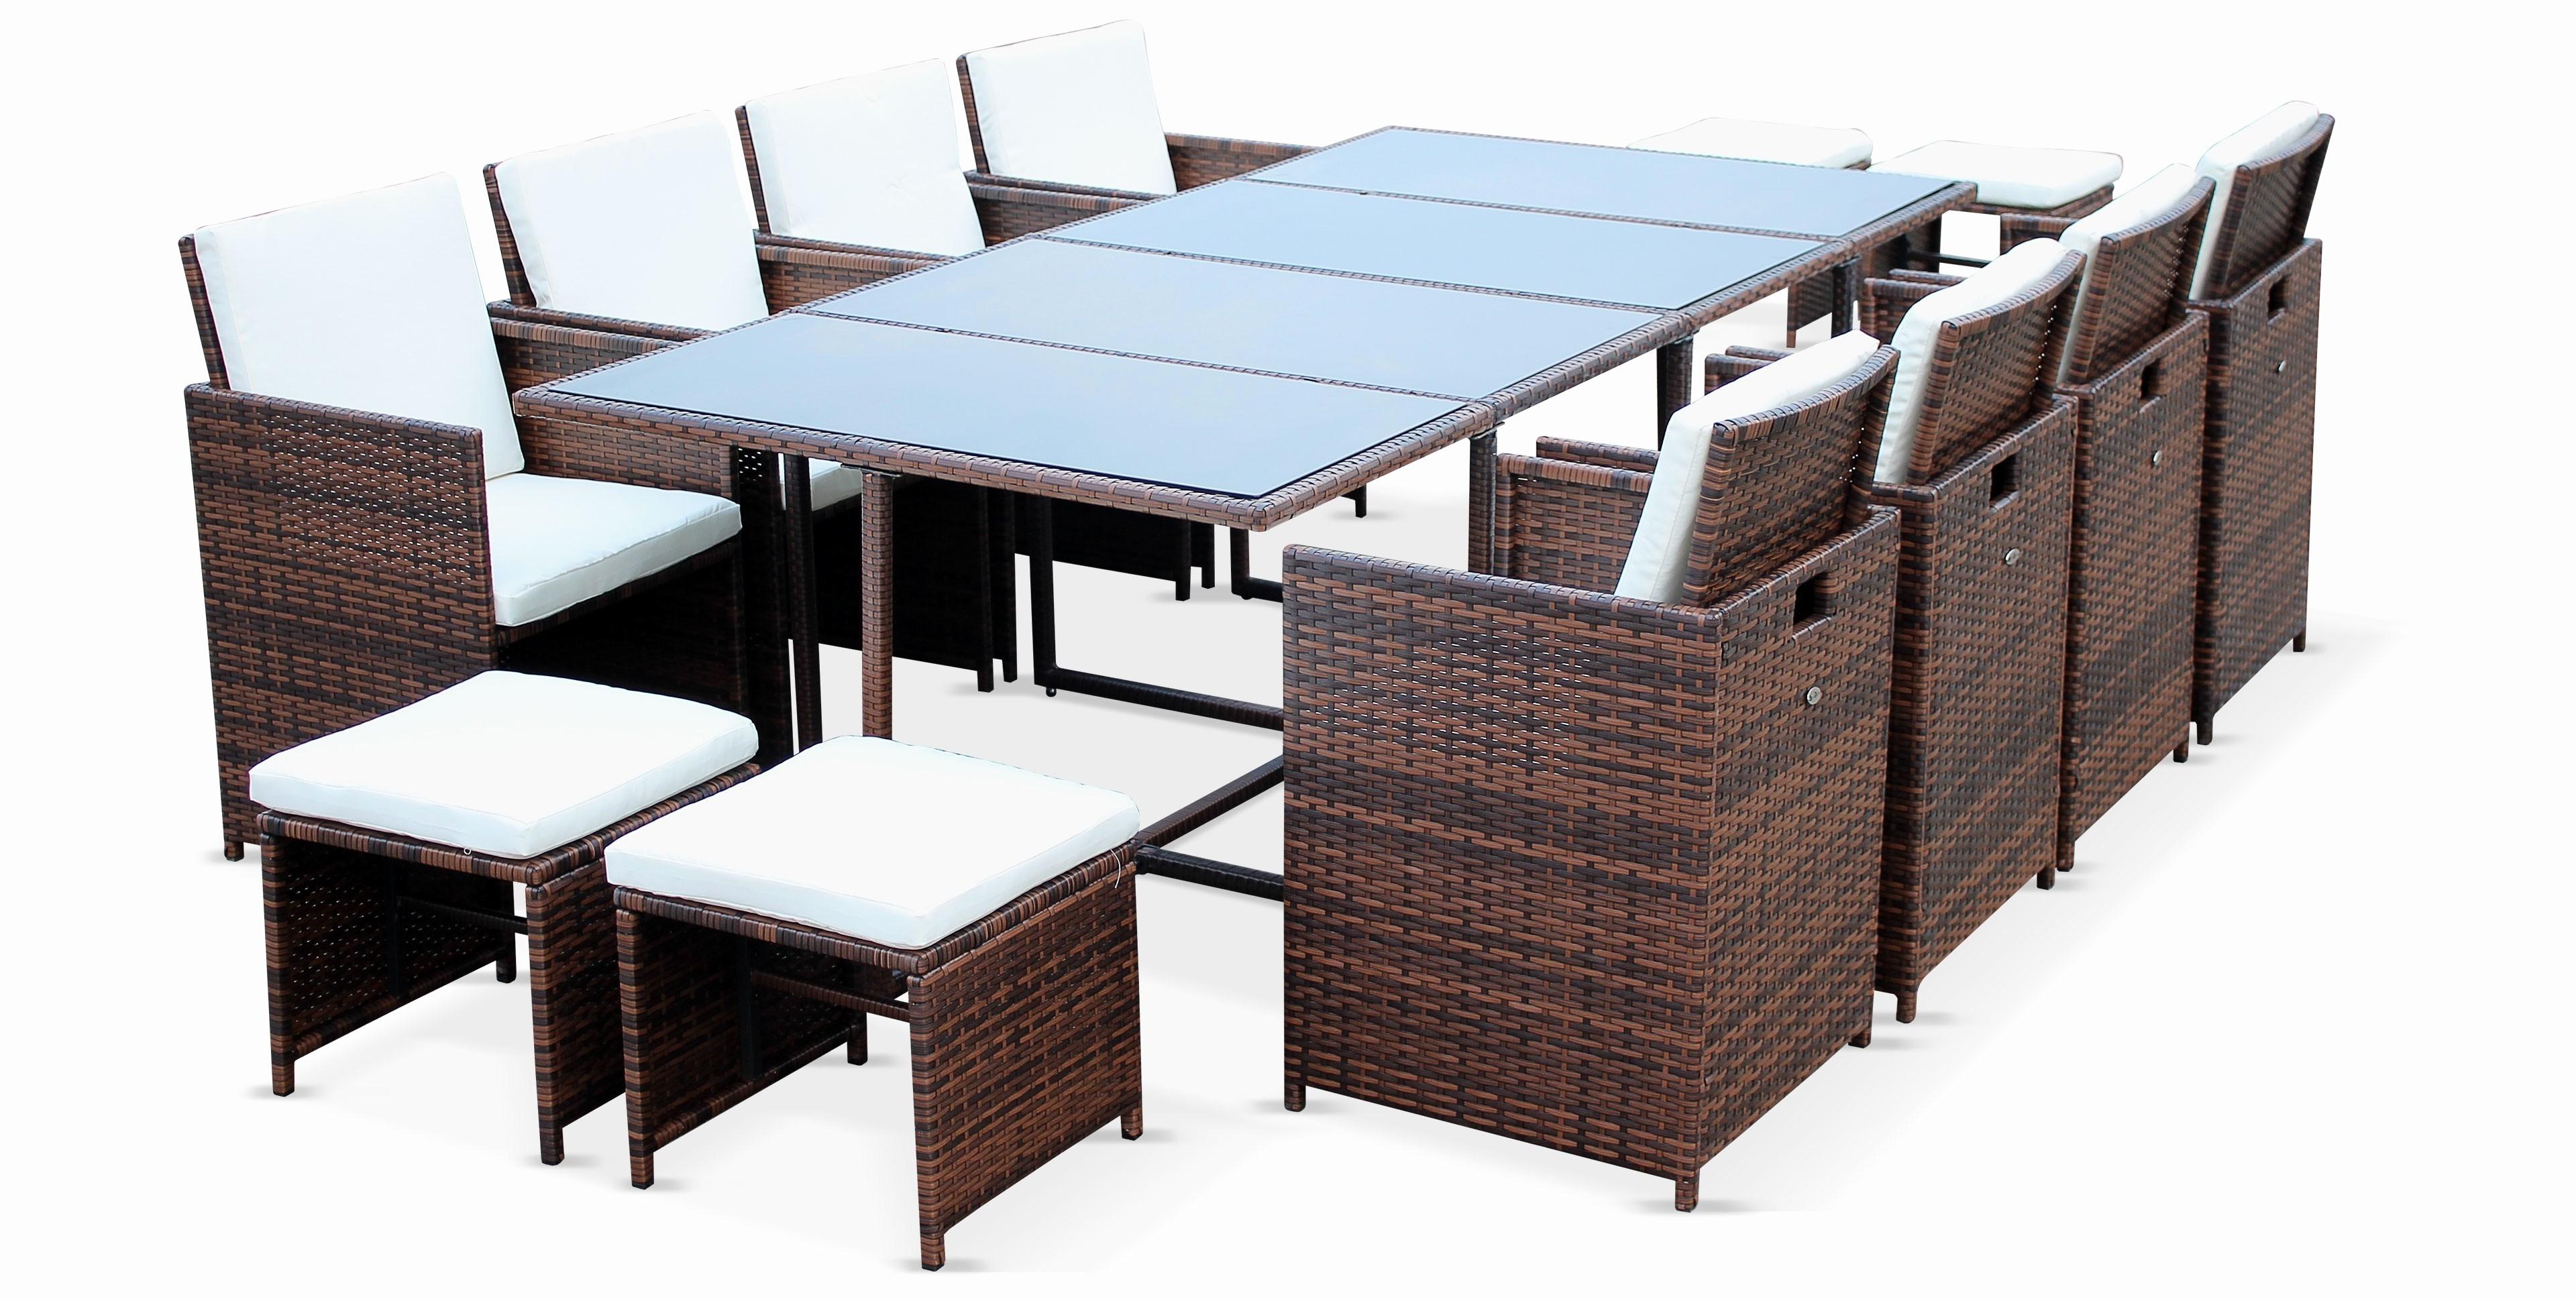 salon de jardin resine amazon jardin. Black Bedroom Furniture Sets. Home Design Ideas